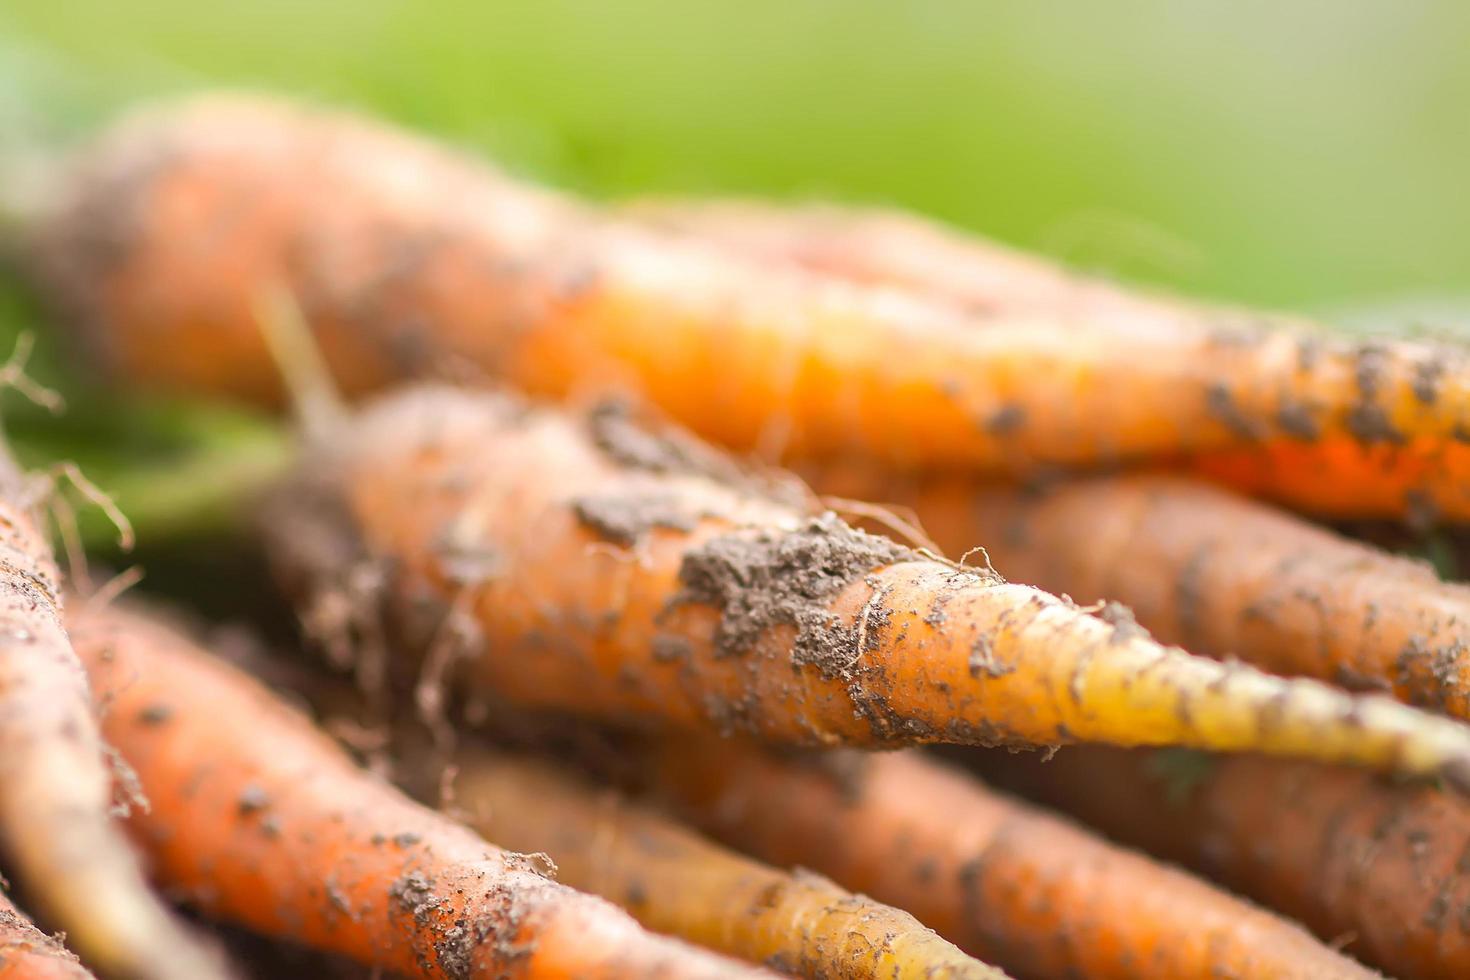 primo piano di carote fresche foto